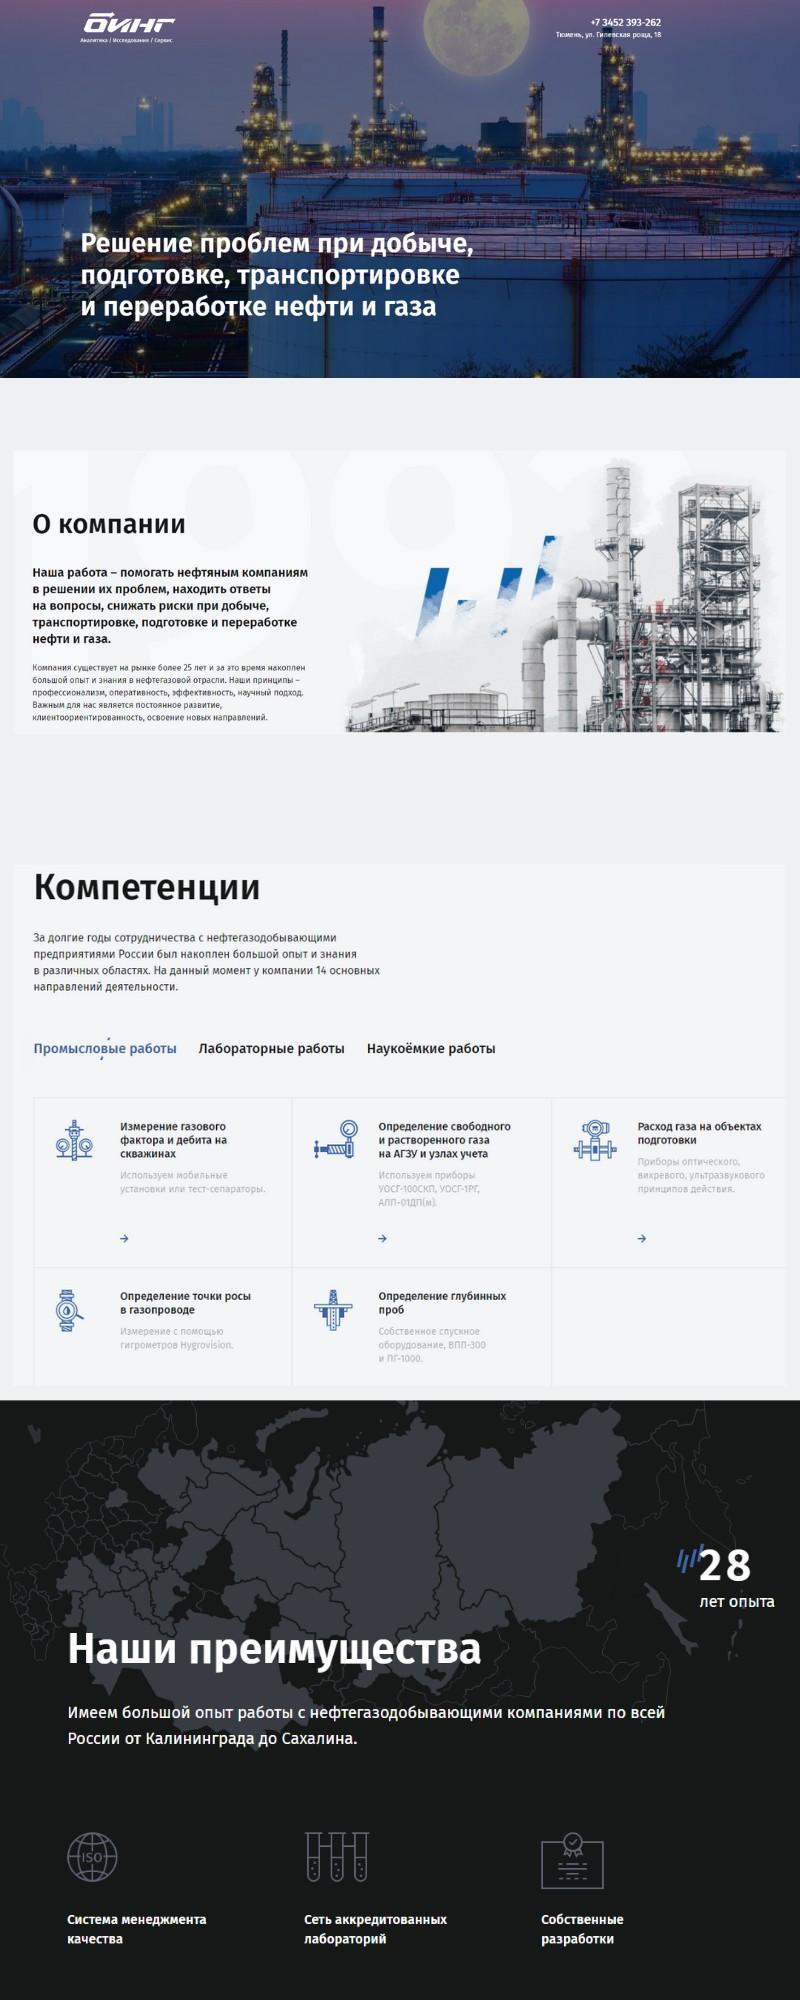 Услуги для нефтегазовых компаний